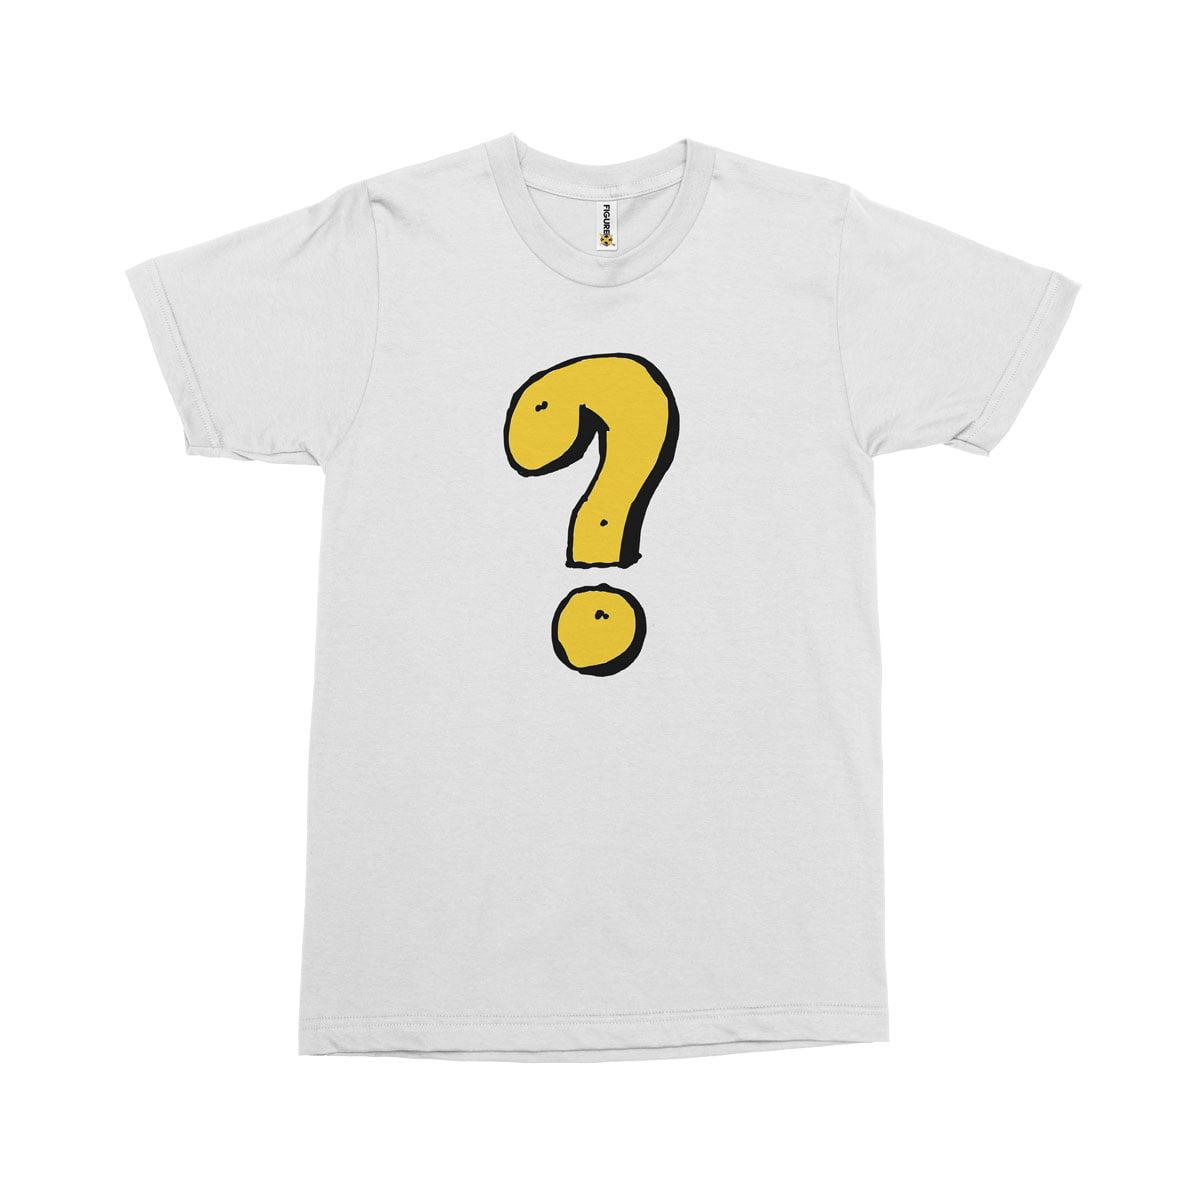 KisiyeOzelBaskiTshirt - Kişiye Özel Tişört Baskı - Kendin Tasarla - Figurex